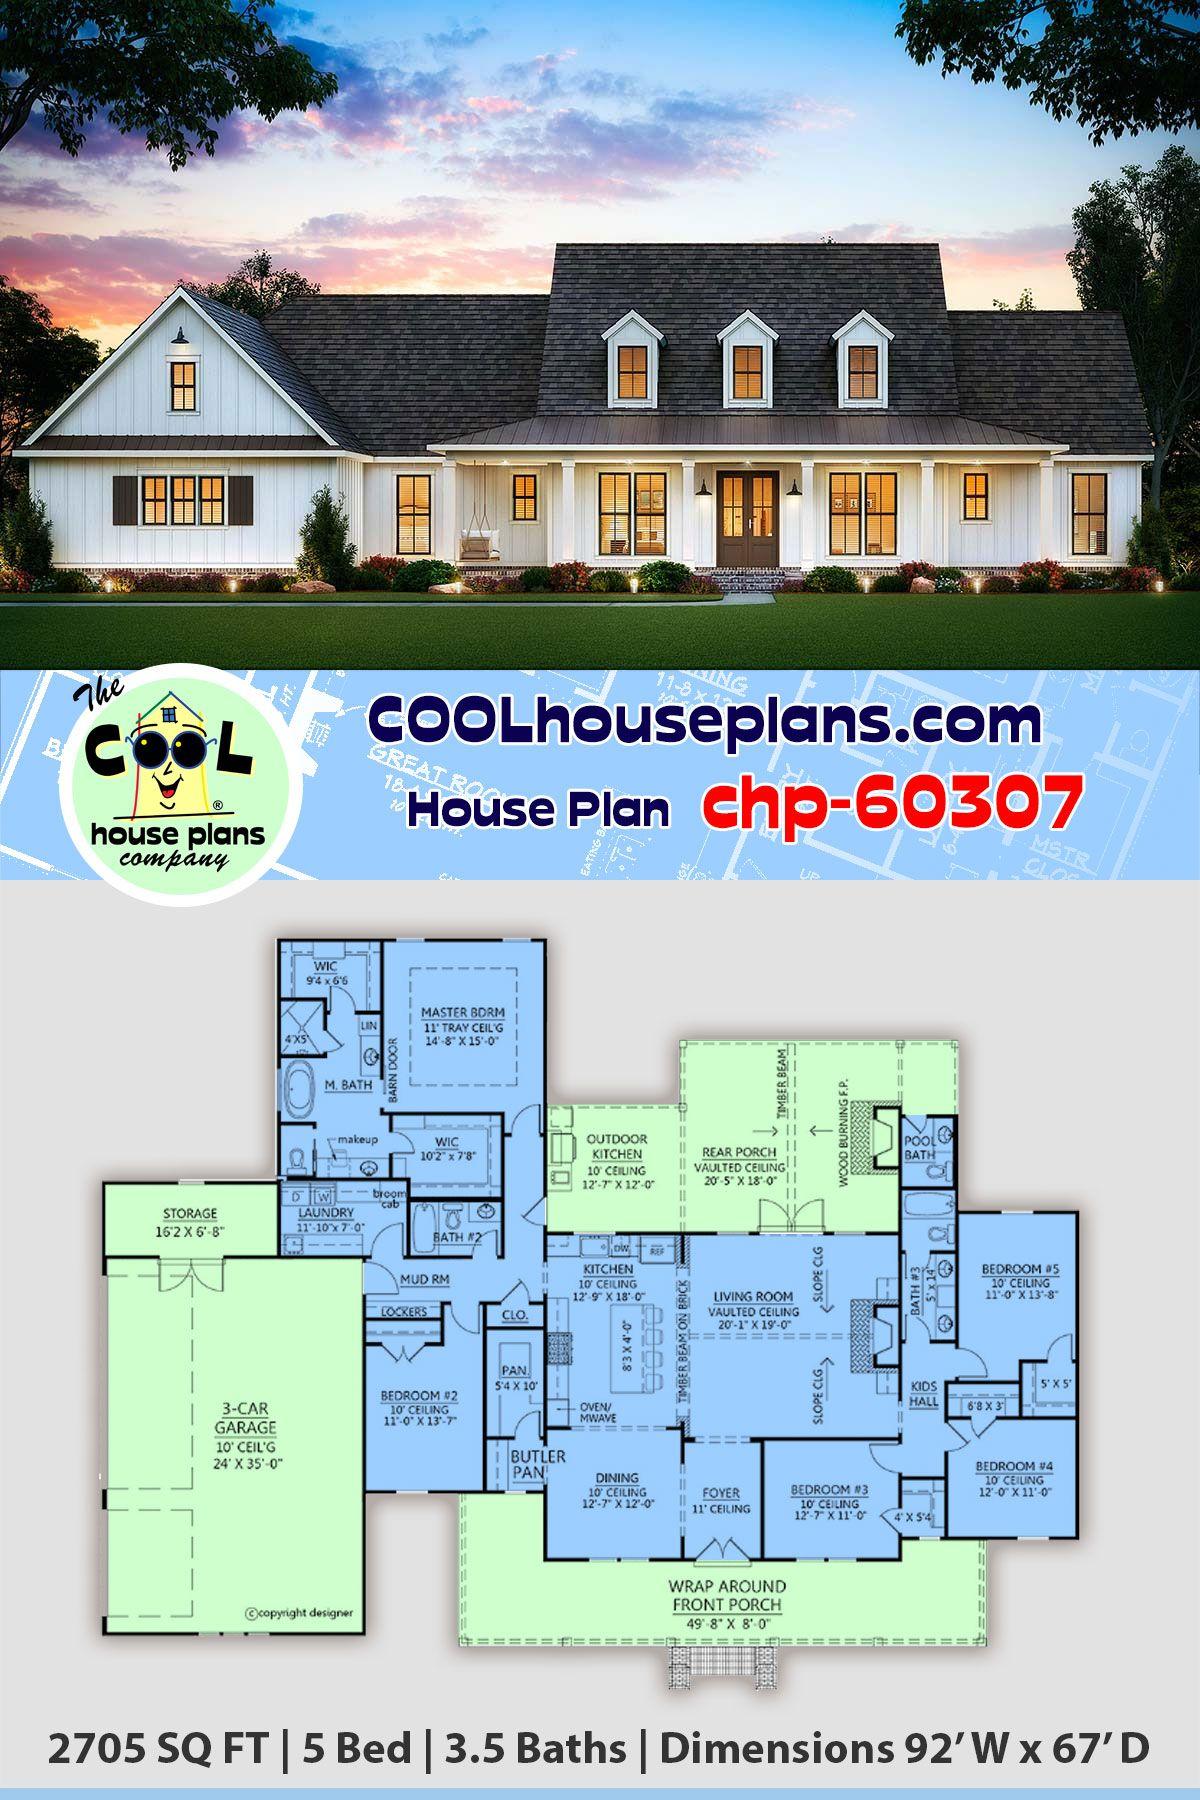 Farmhouse Style House Plan 41406 With 5 Bed 4 Bath 3 Car Garage In 2020 Farmhouse Style House Plans House Plans Farmhouse House Plans